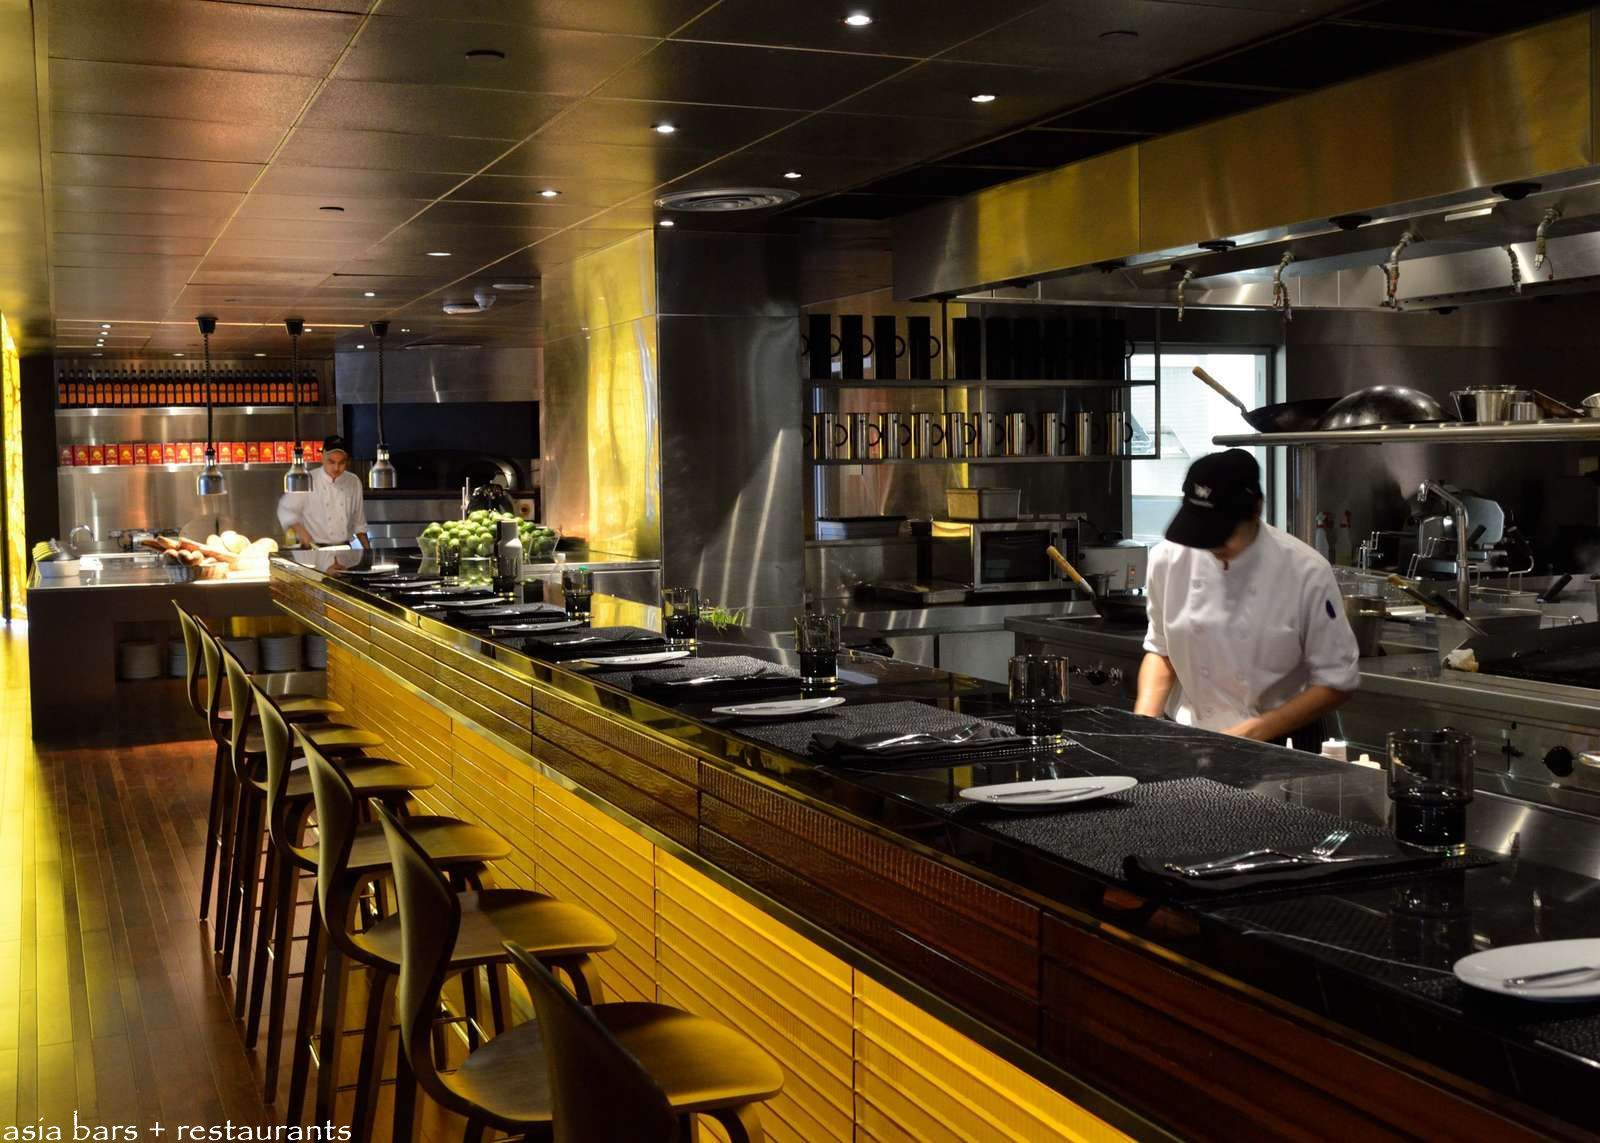 Show Kitchen Restaurant Google Search Open Kitchen Restaurant